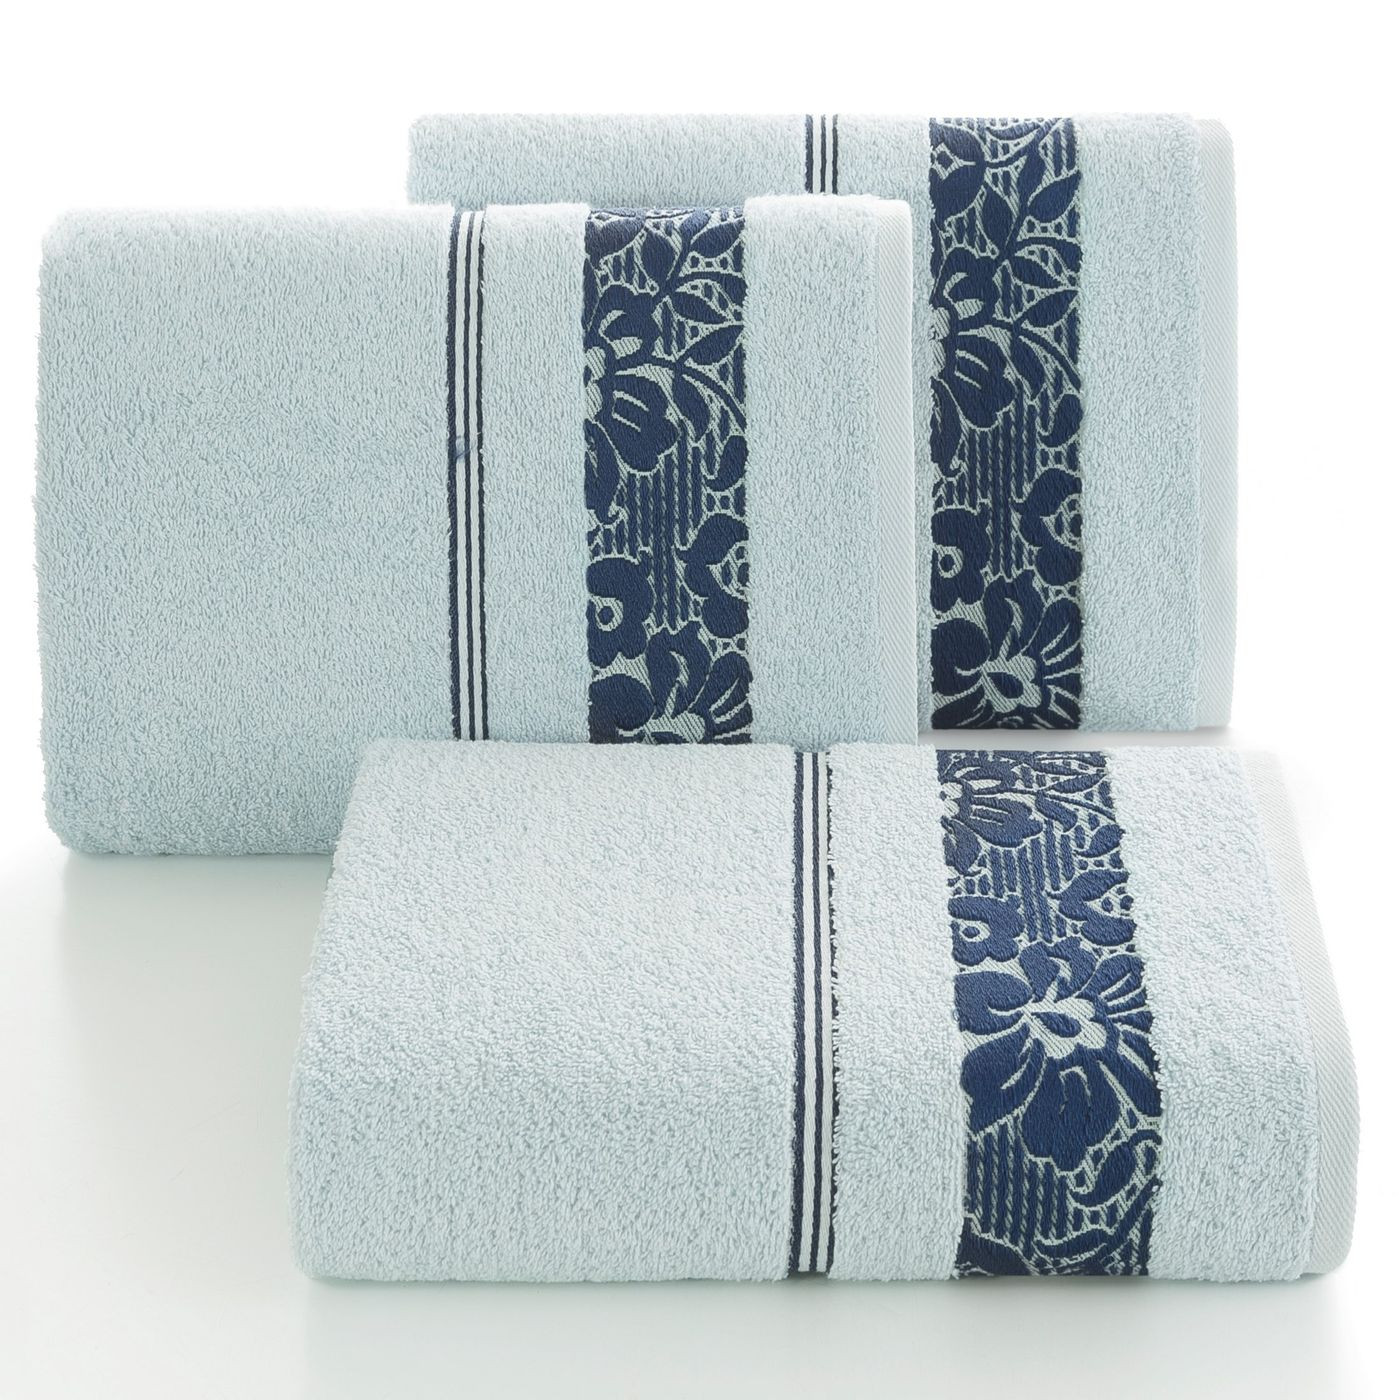 Ręcznik z bawełny z kwiatowym wzorem na bordiurze 70x140cm niebieski